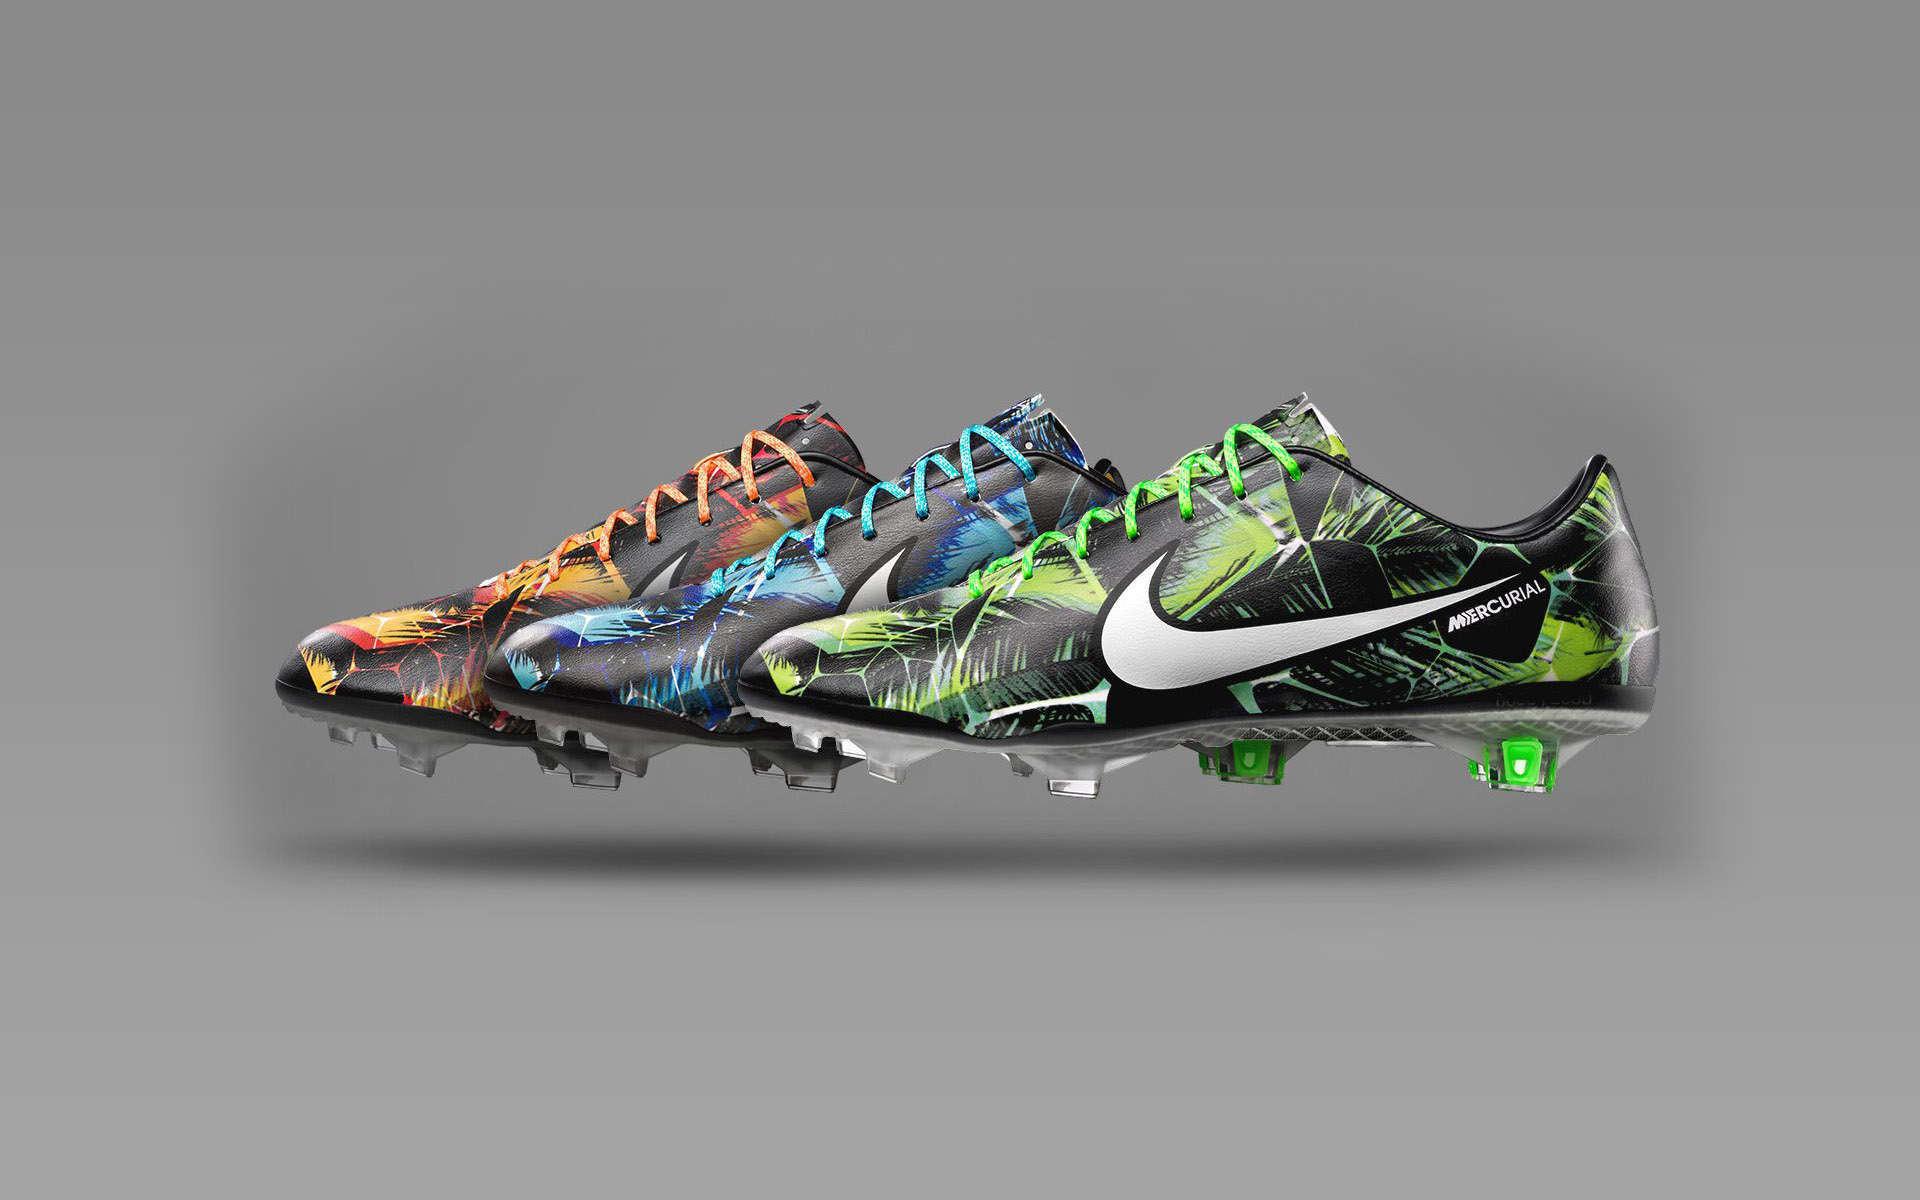 Cool Nike Backgrounds | PixelsTalk.Net